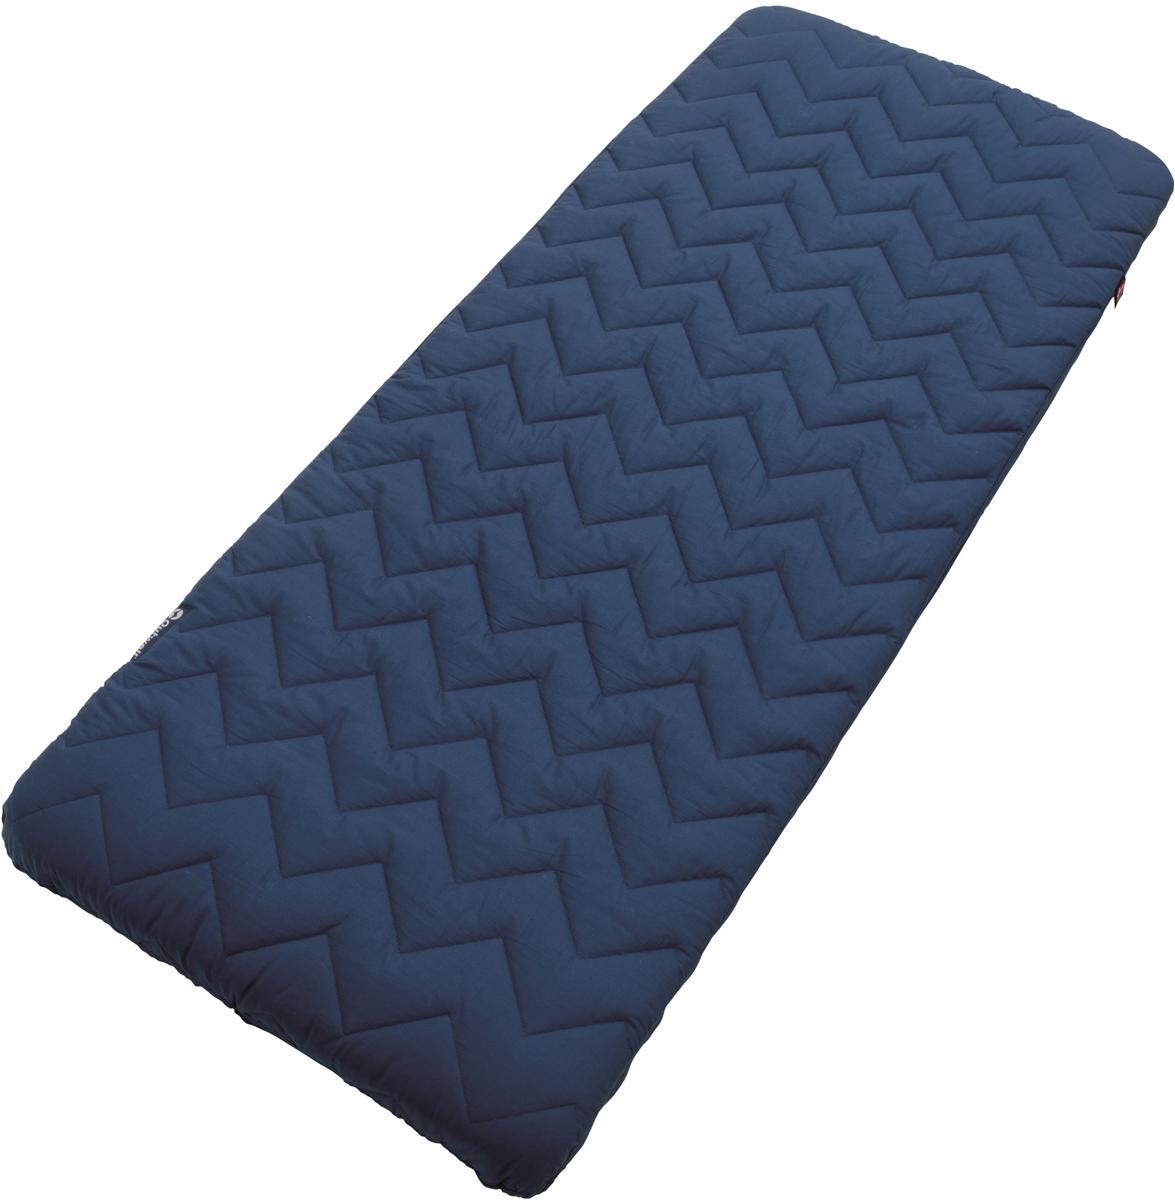 Спальная система Outwell Cubitura Single, 195 х 70 х 12 см кровать надувная outwell reel airbed single 195 х 70 х 9 см